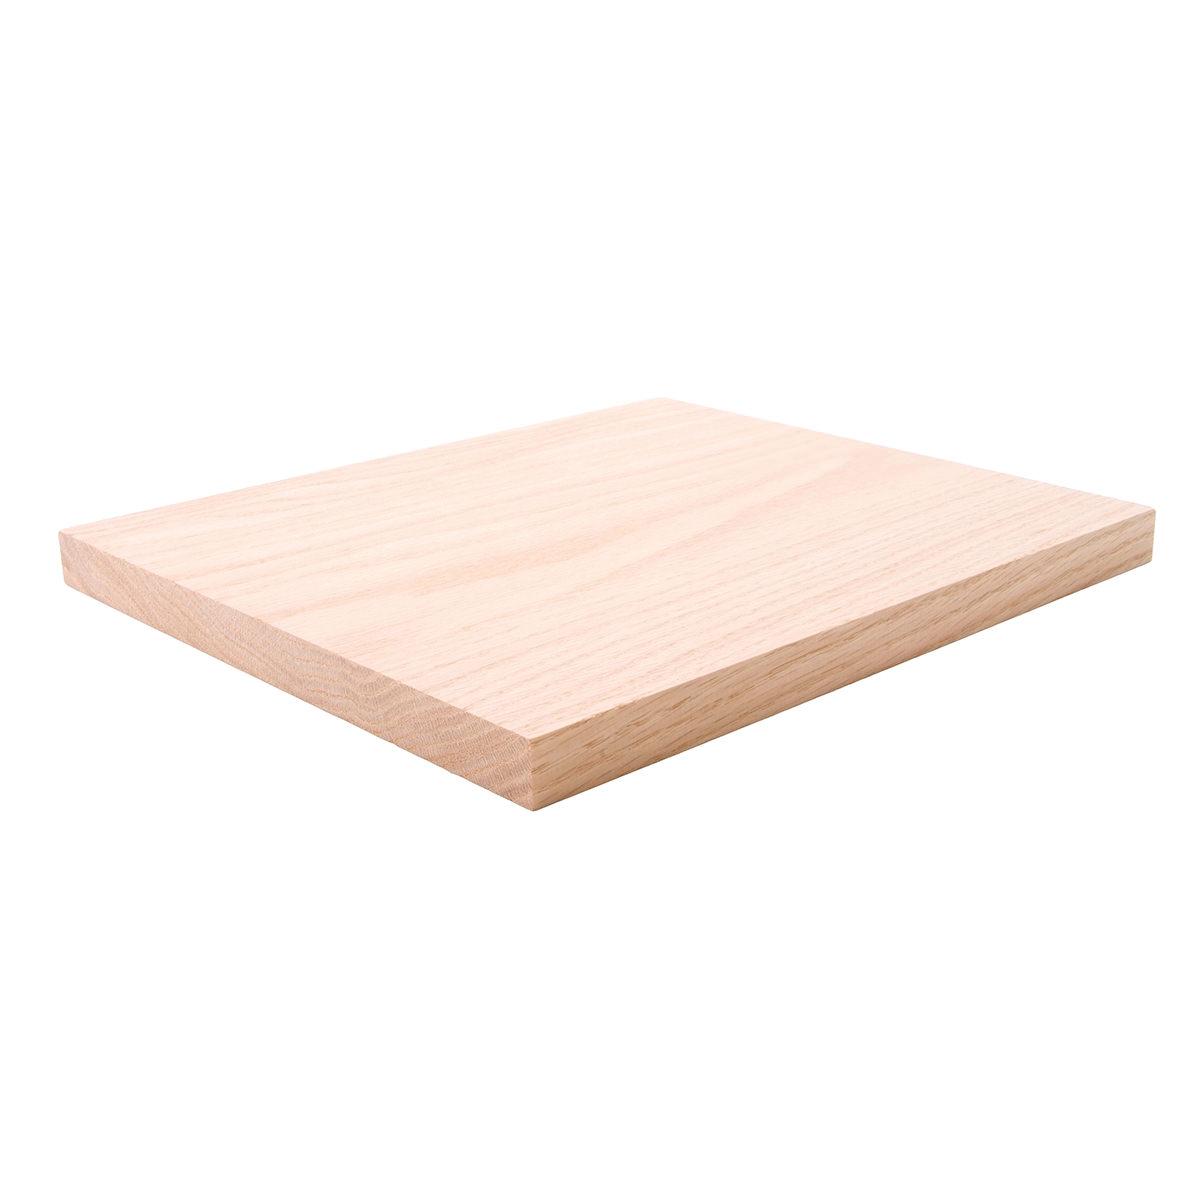 Quot red oak s lumber boards flat